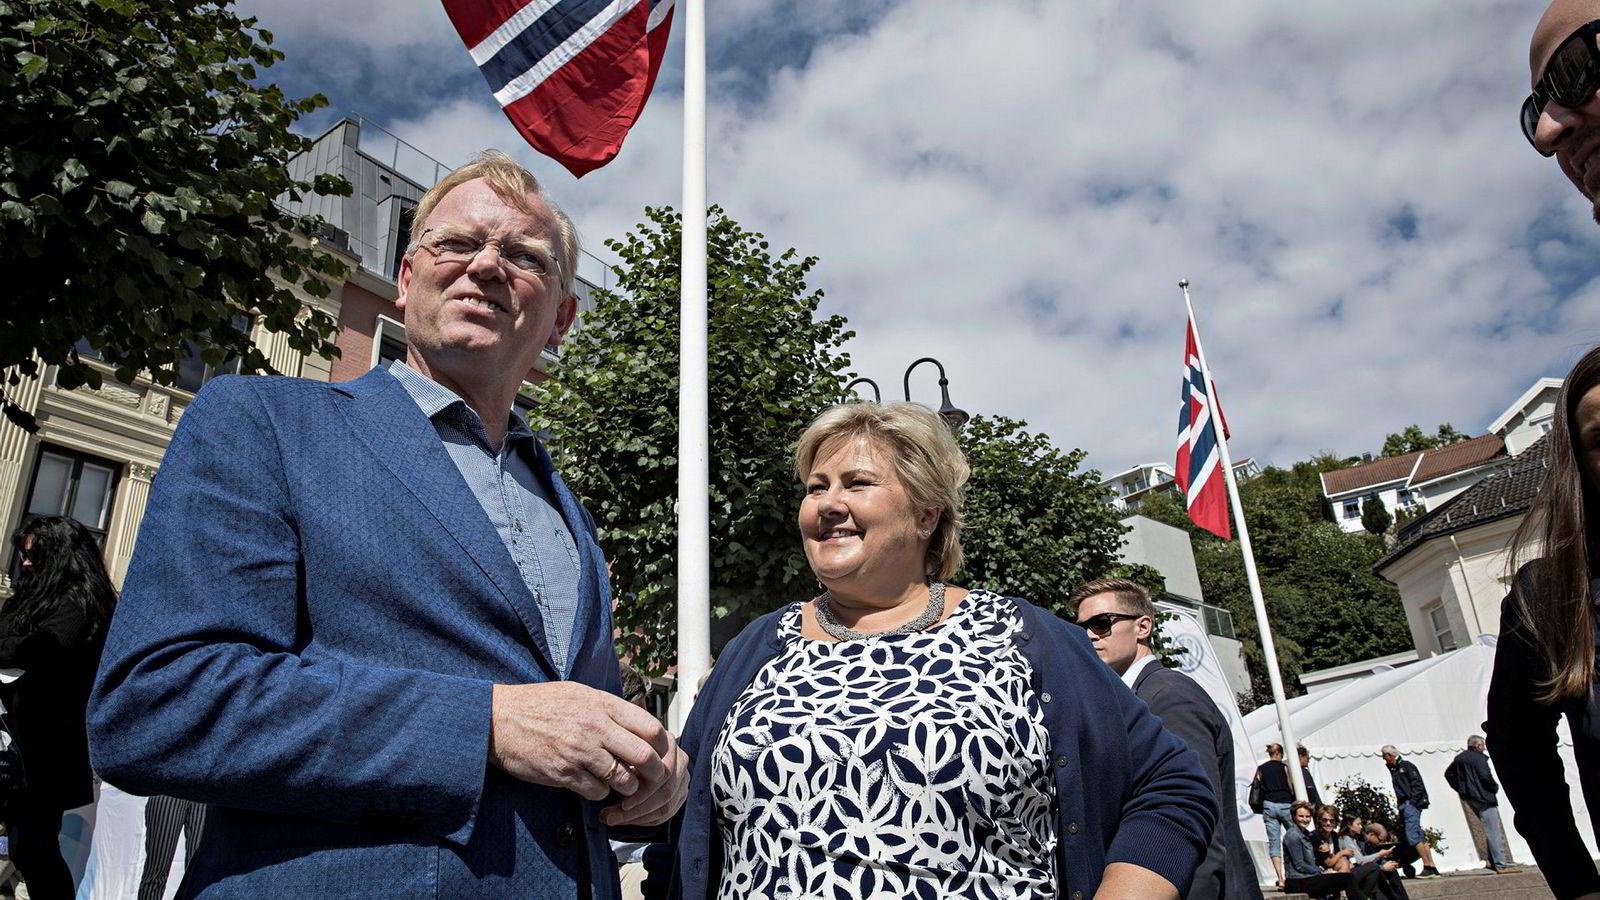 – Du får ikke noe tid med statsministeren i dag, sa statssekretær Sigbjørn Aanes da Sindre Finnes, som jobber i Norsk Industri, møtte sin ektefelle Erna Solberg i Pollen i Arendal.